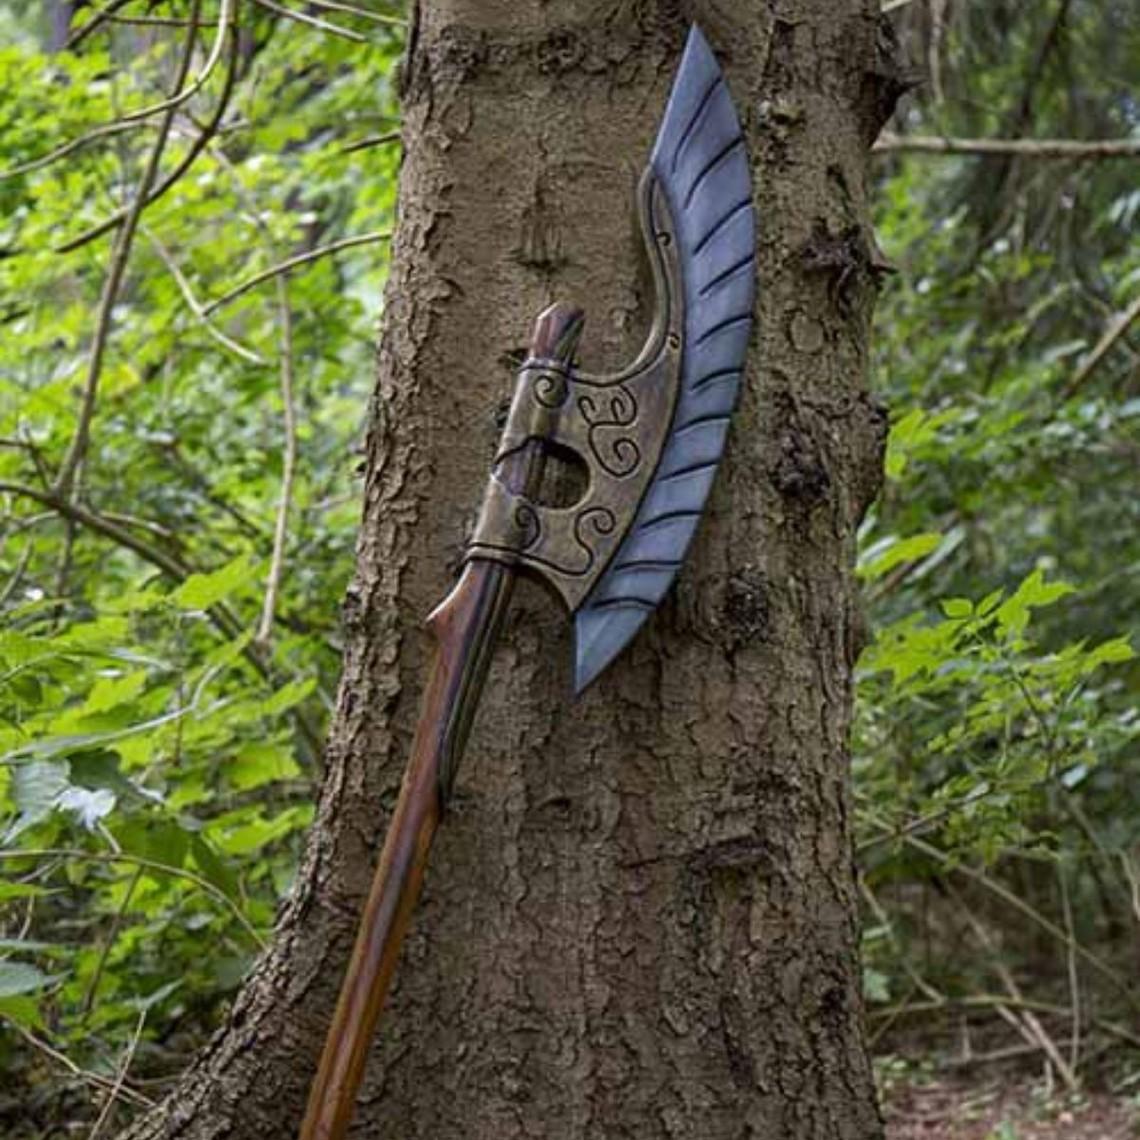 Epic Armoury GRV ascia elfico ala